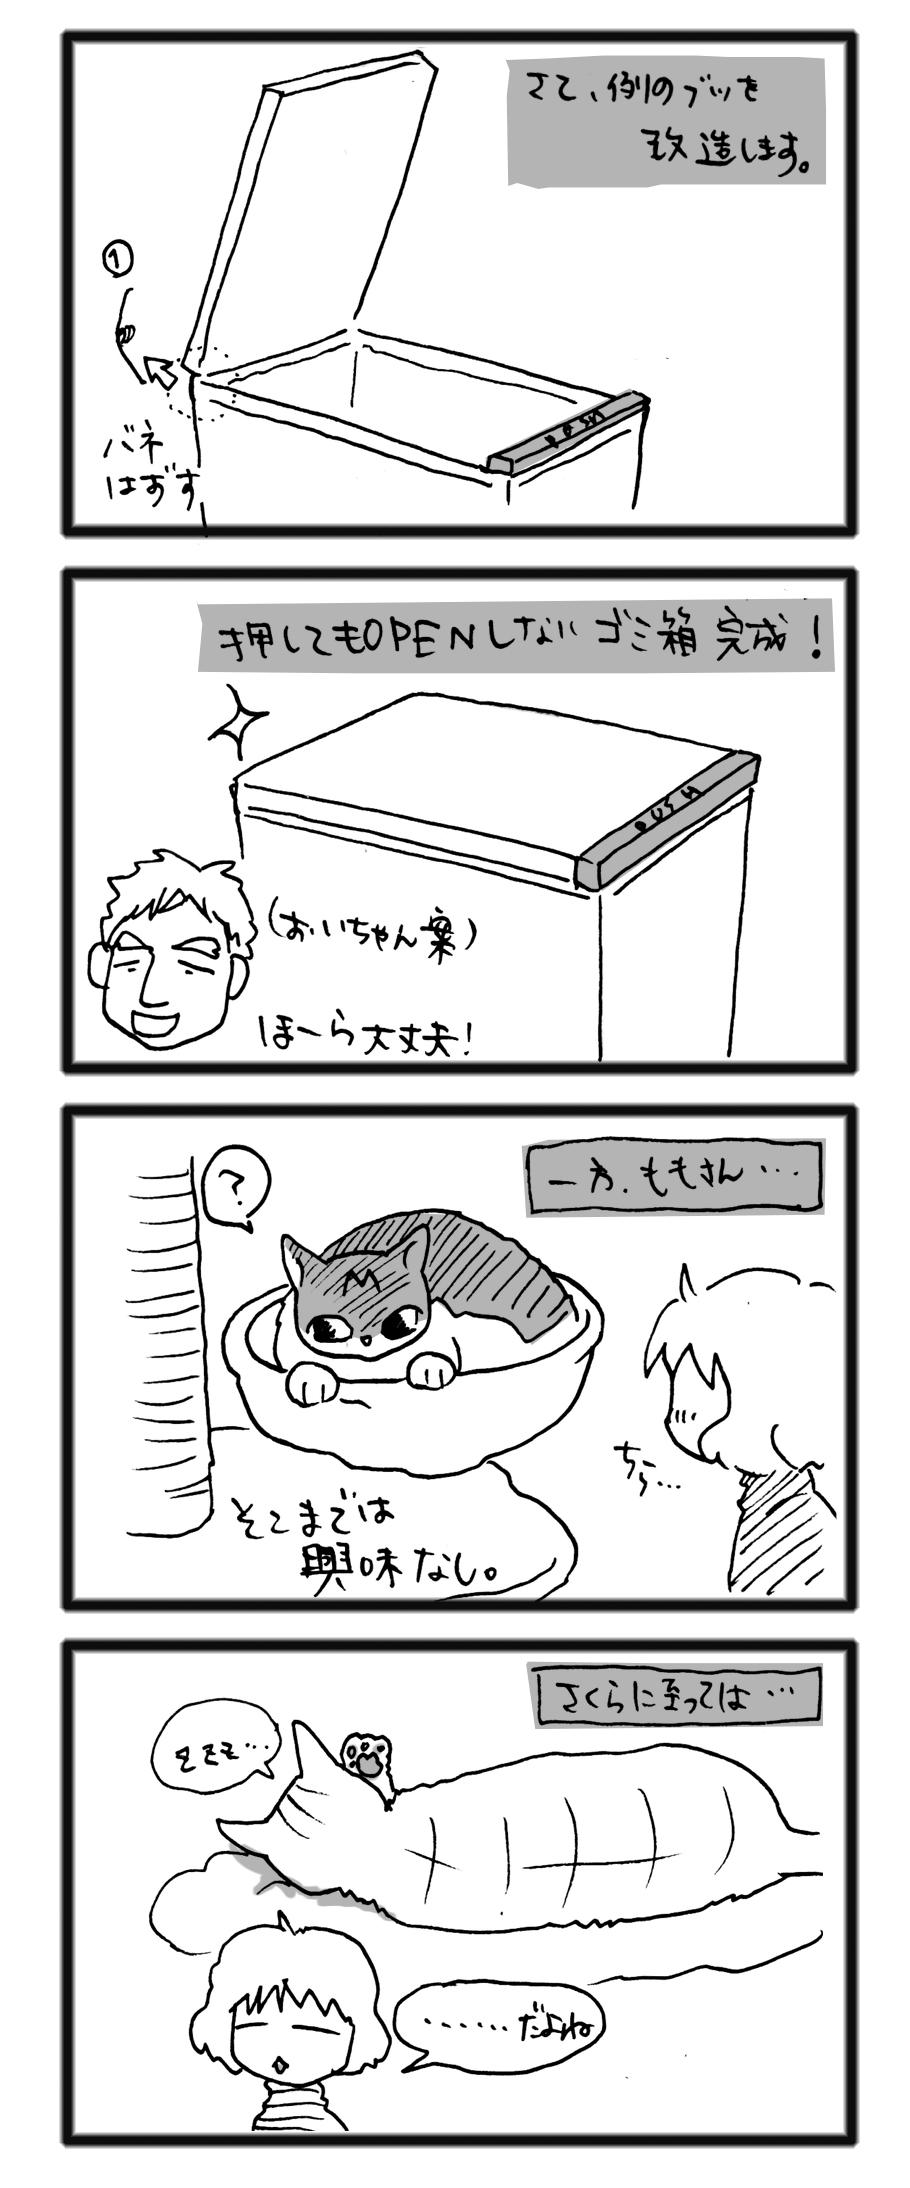 comic_13123001.jpg